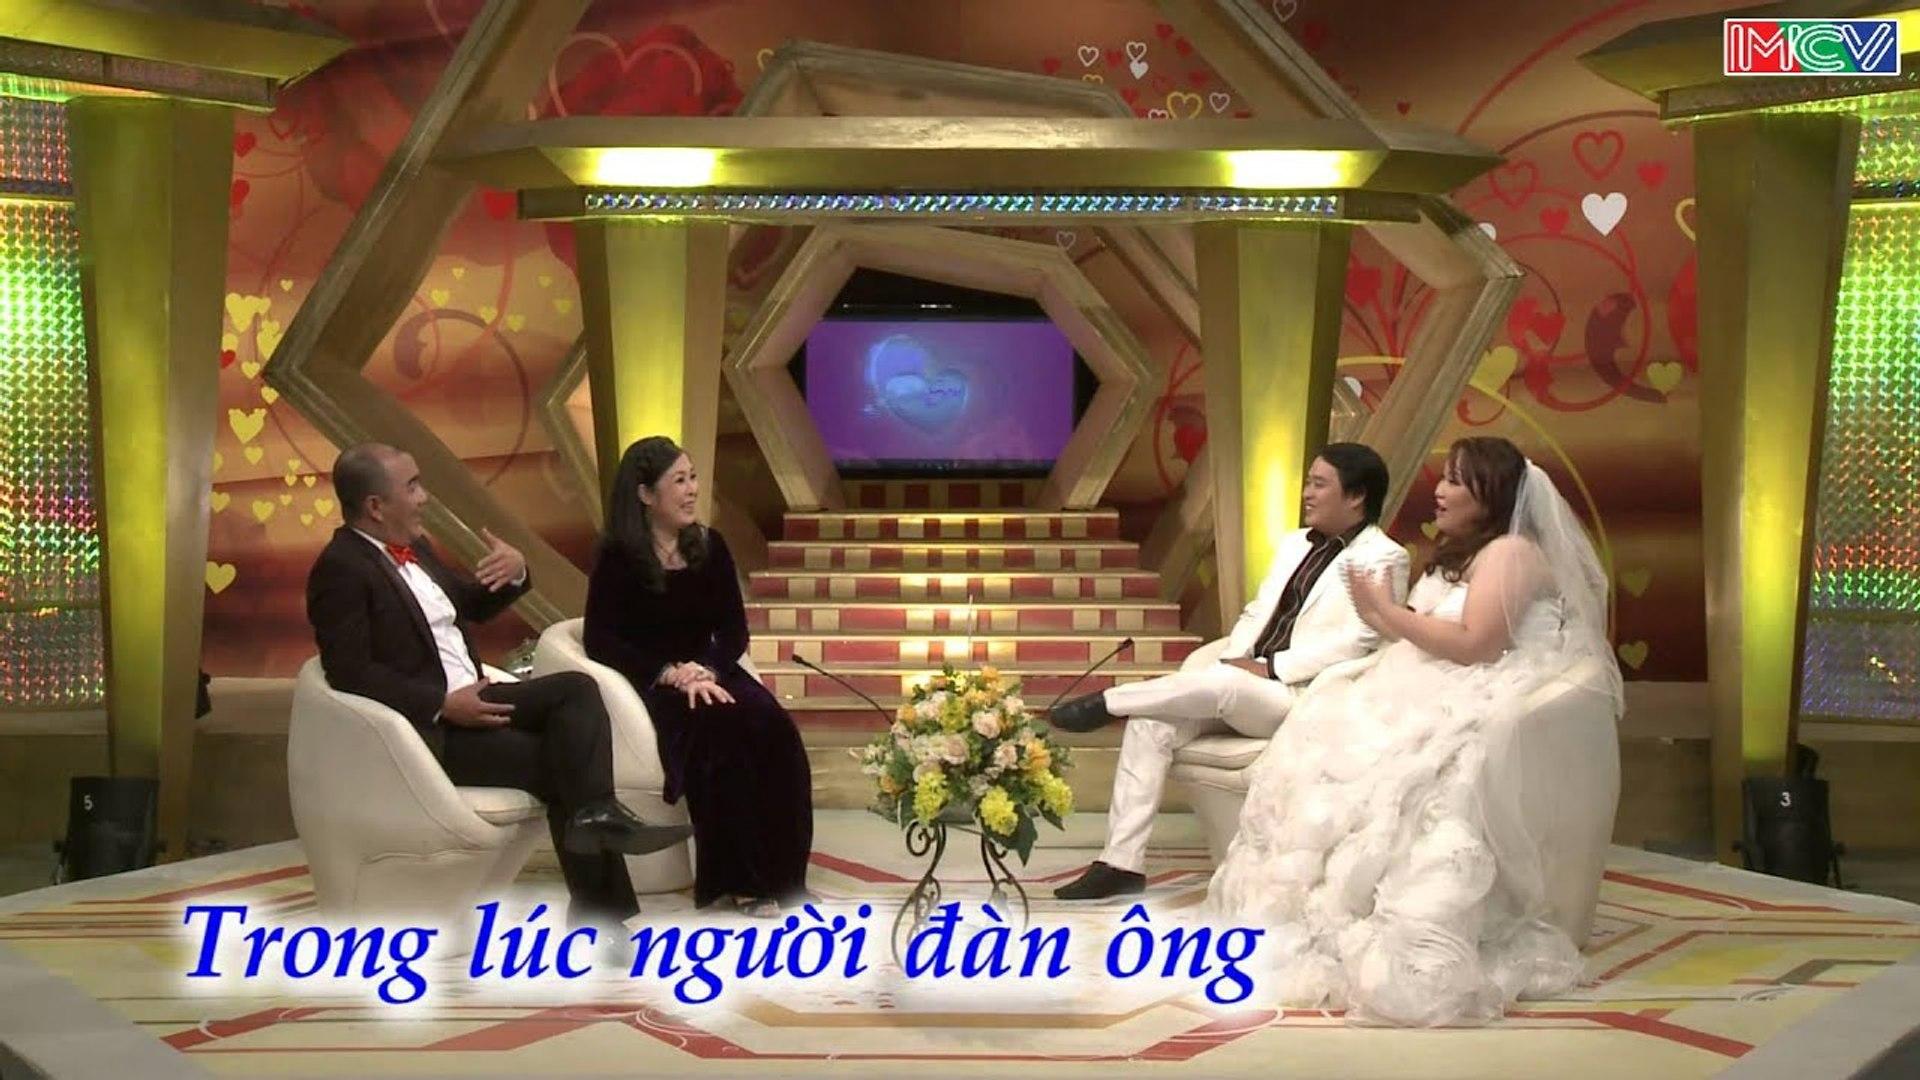 Vợ Chồng Son Tập  35 Phần  1 - MCV [Official]